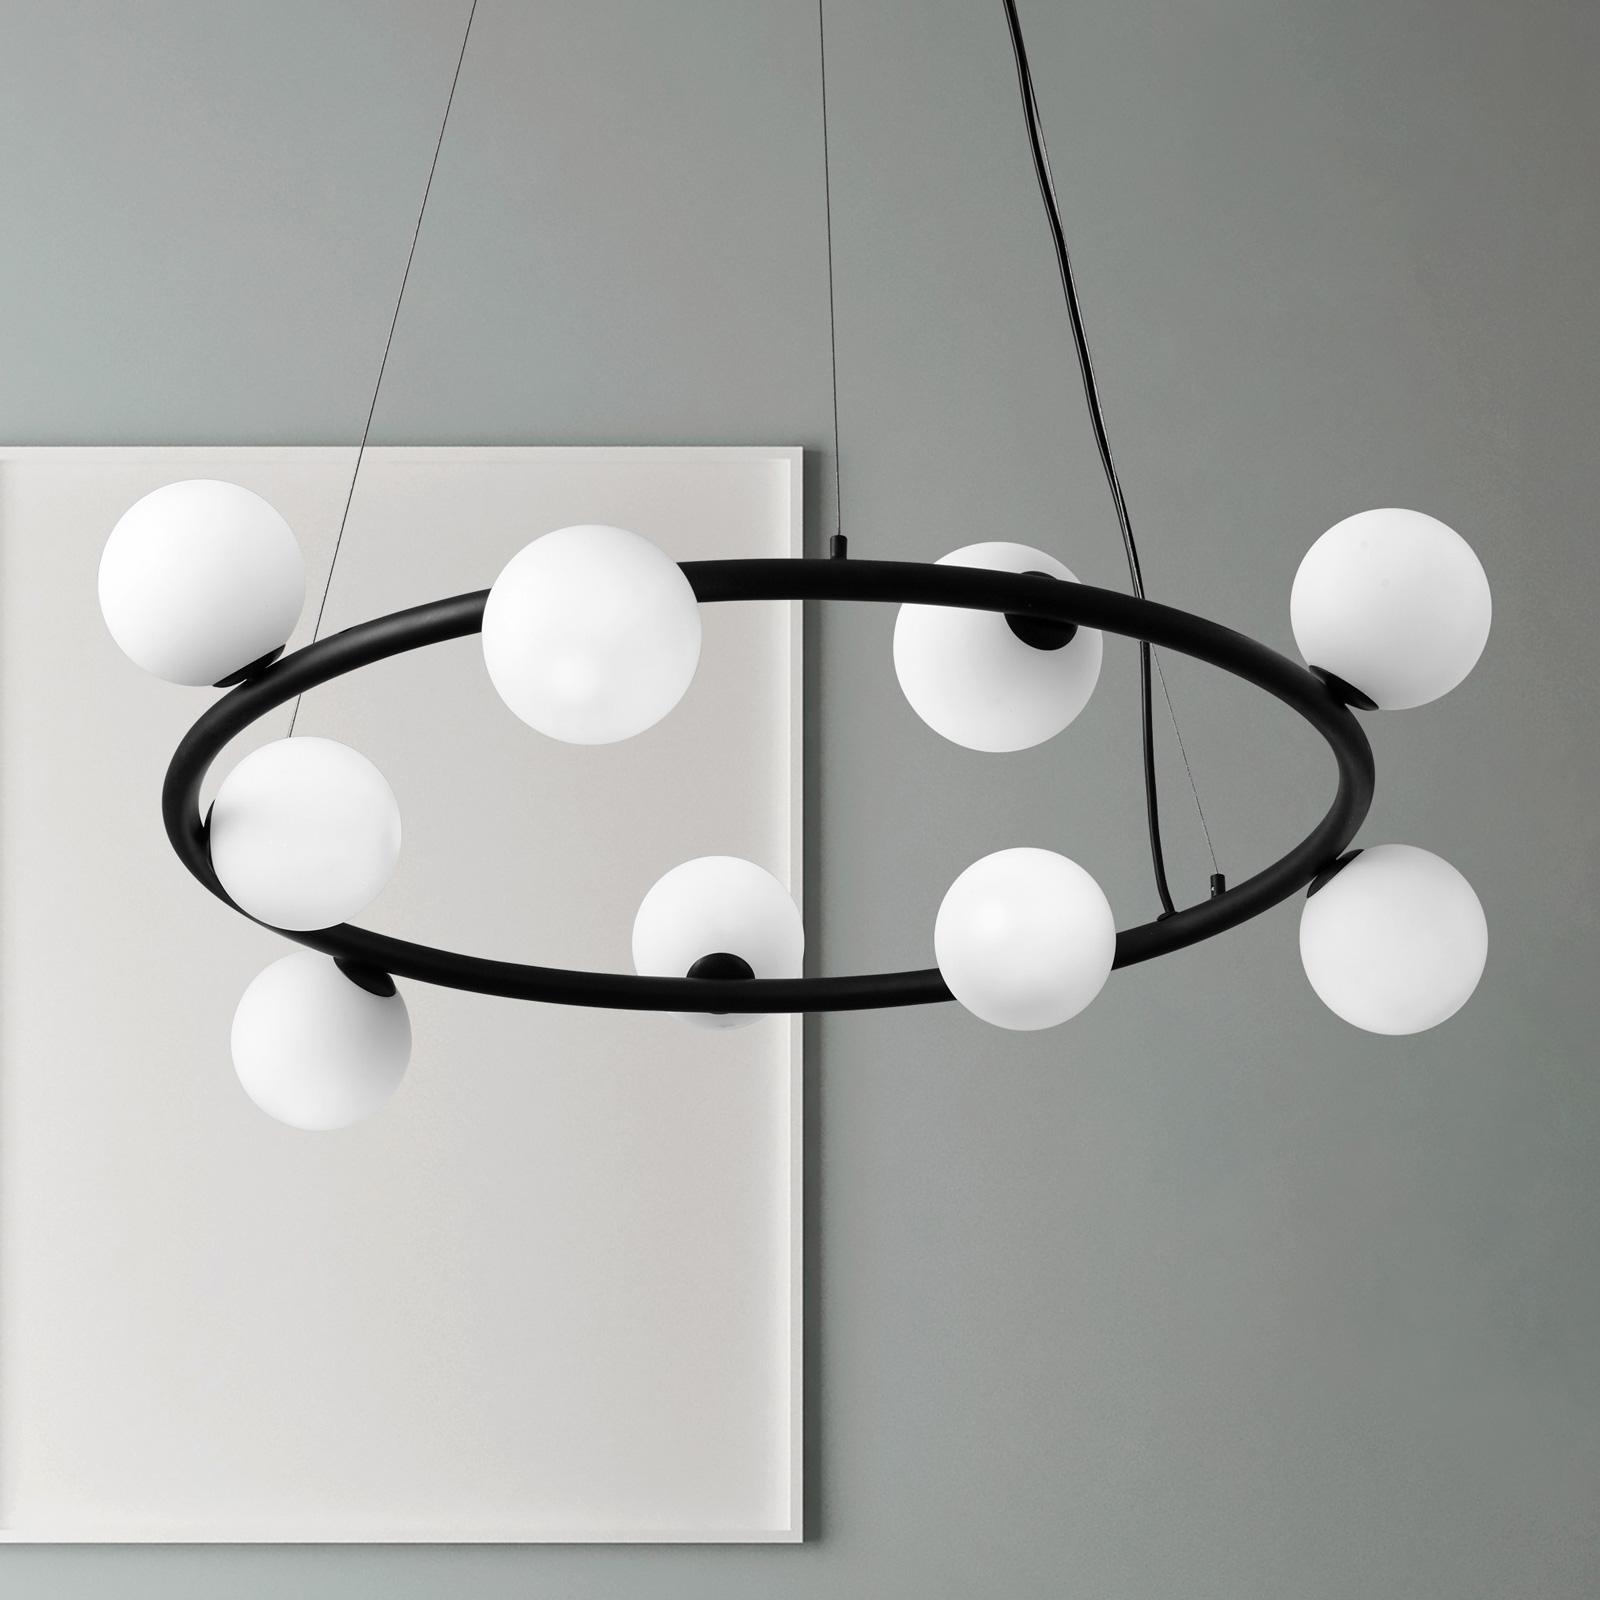 Lampa wisząca Pomì 9-punktowa ze szklanymi kulami